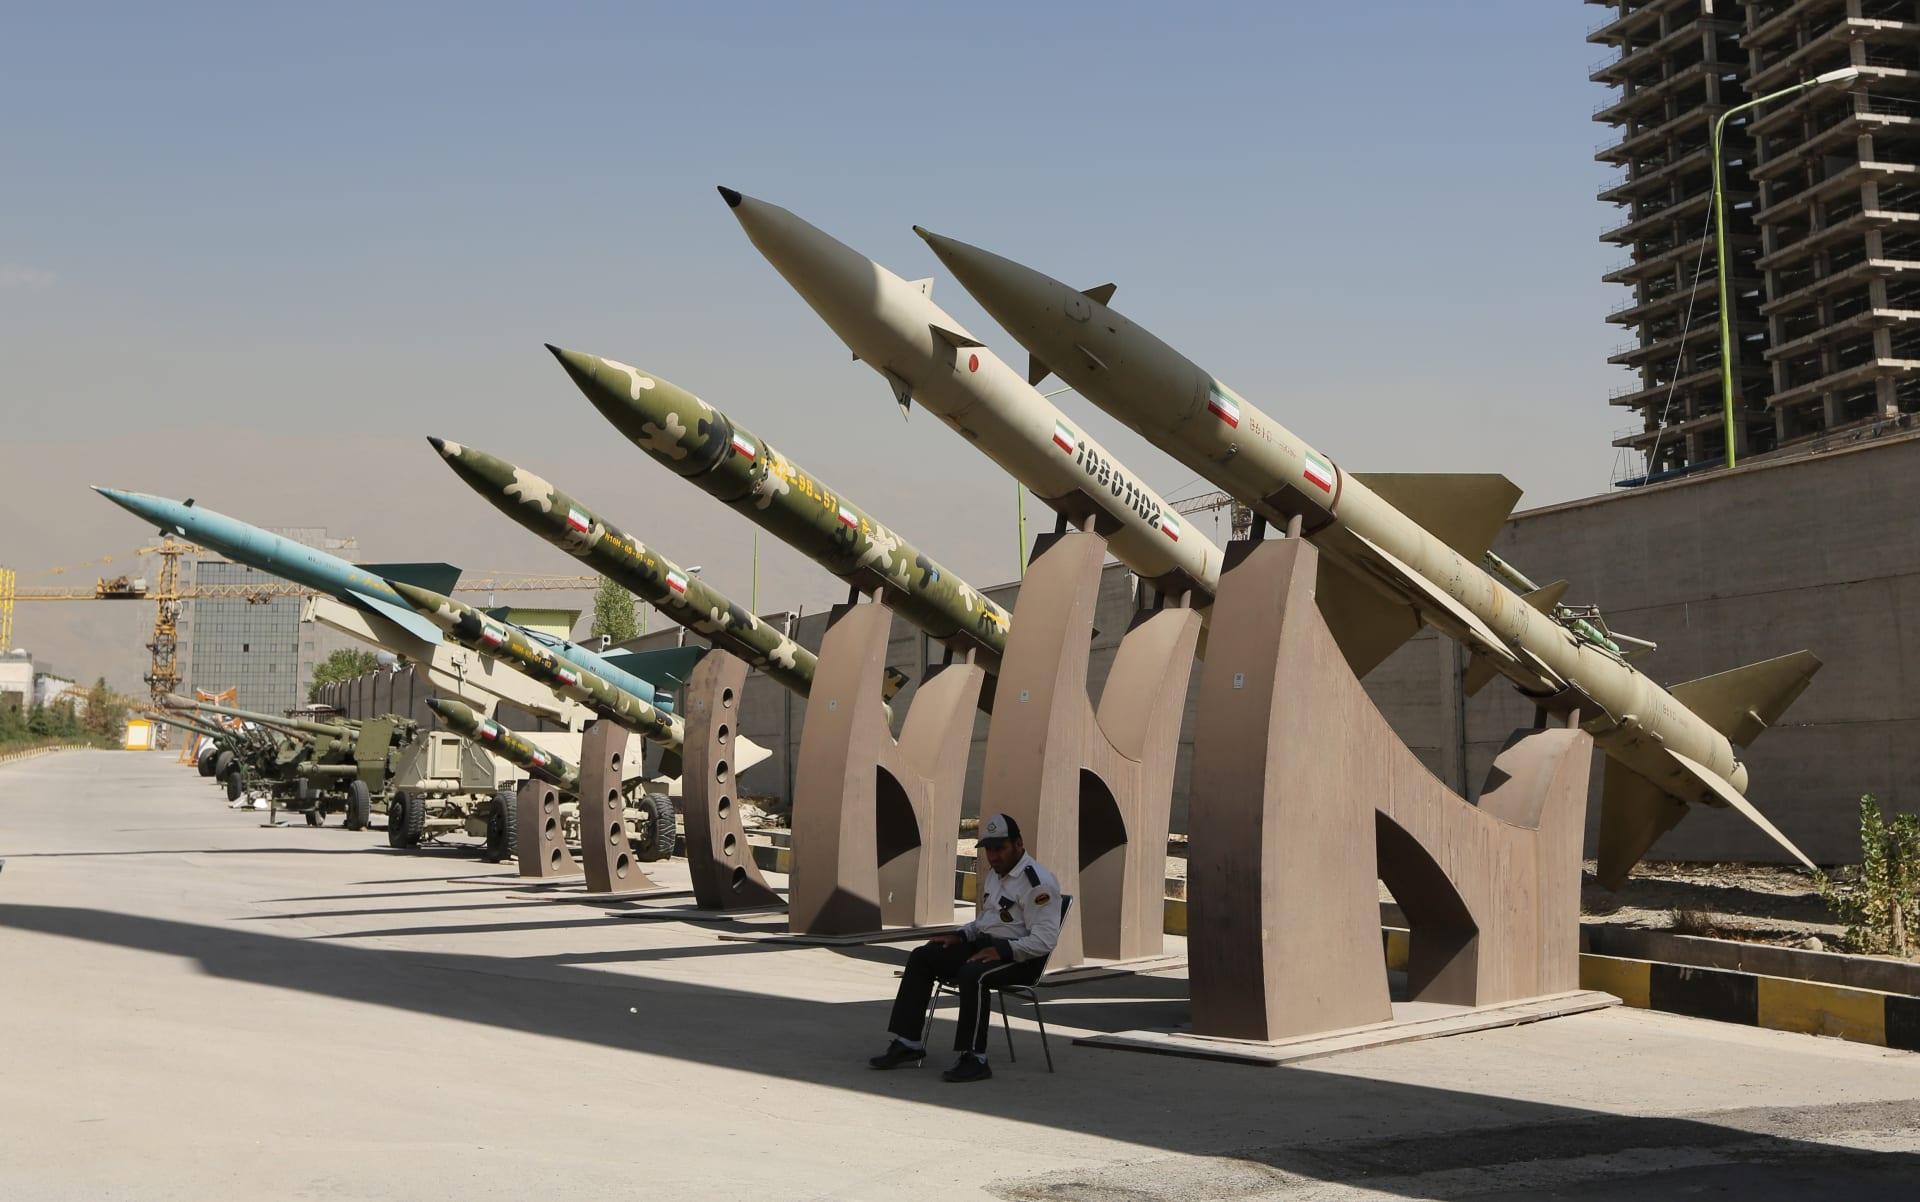 إيران تعلنها: نحن أحرار بتصدير وشراء الأسلحة النوعية ابتداء من 18 أكتوبر